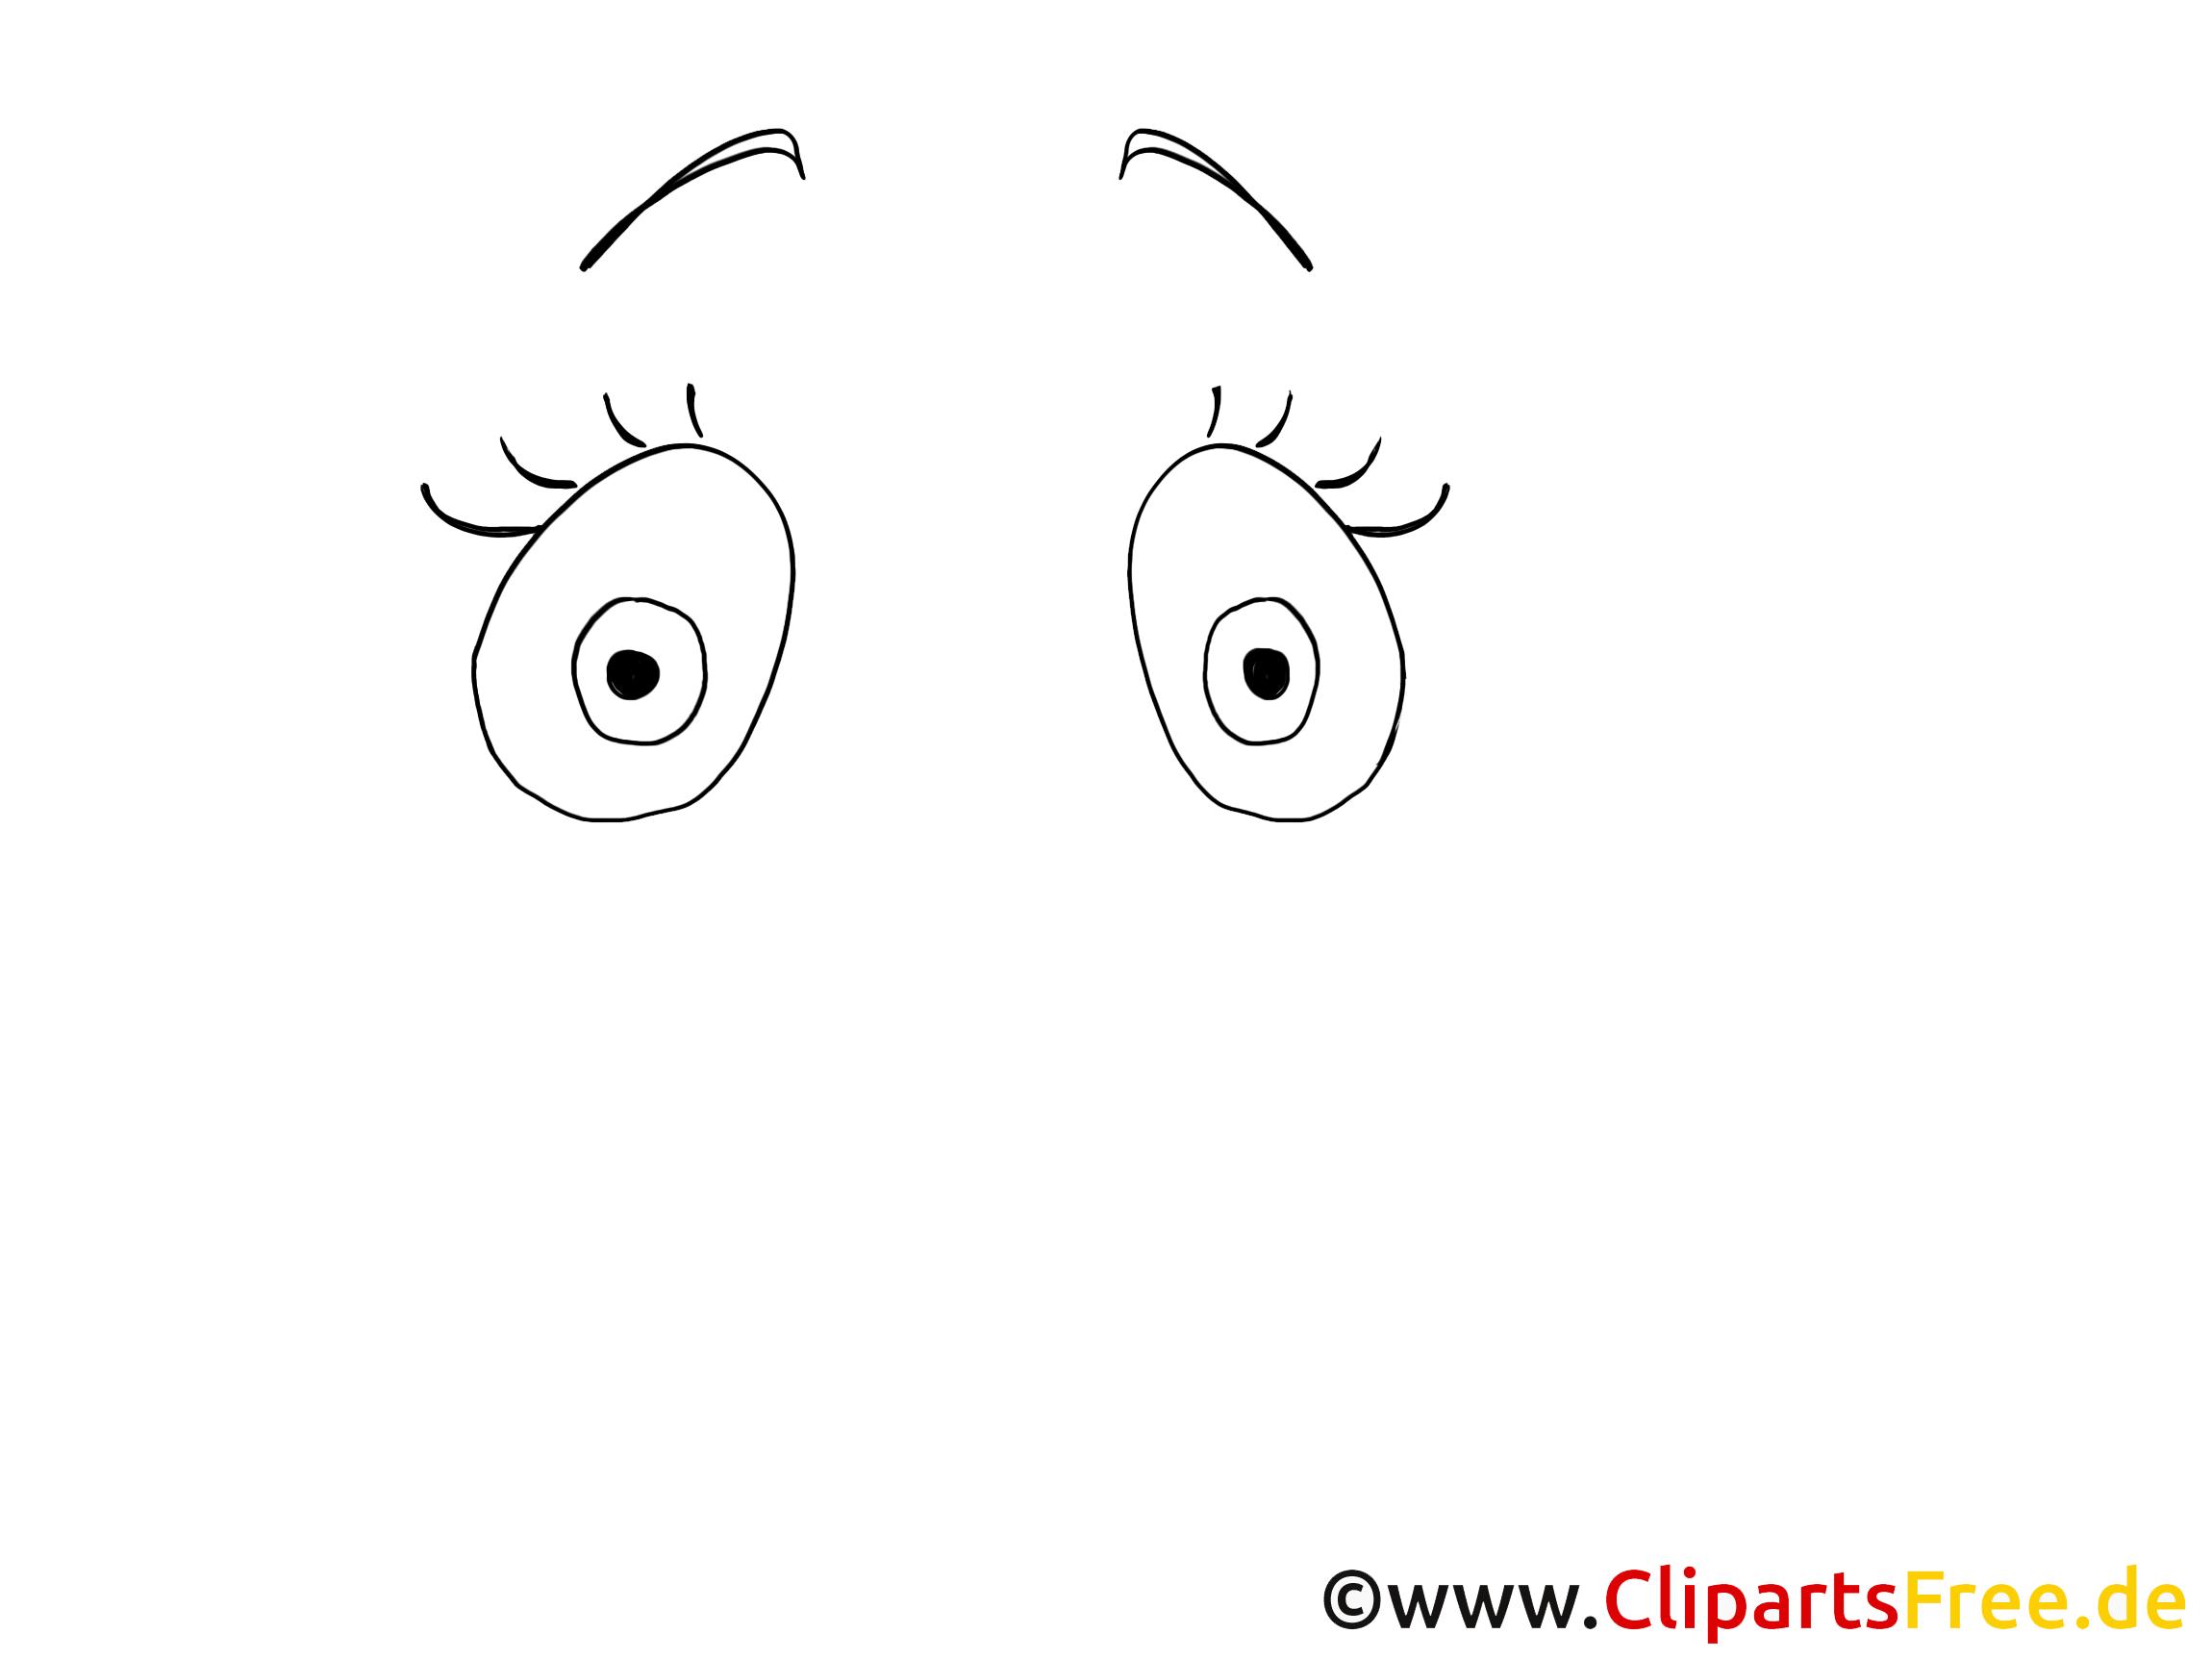 Grands yeux illustration à colorier – Dessin images